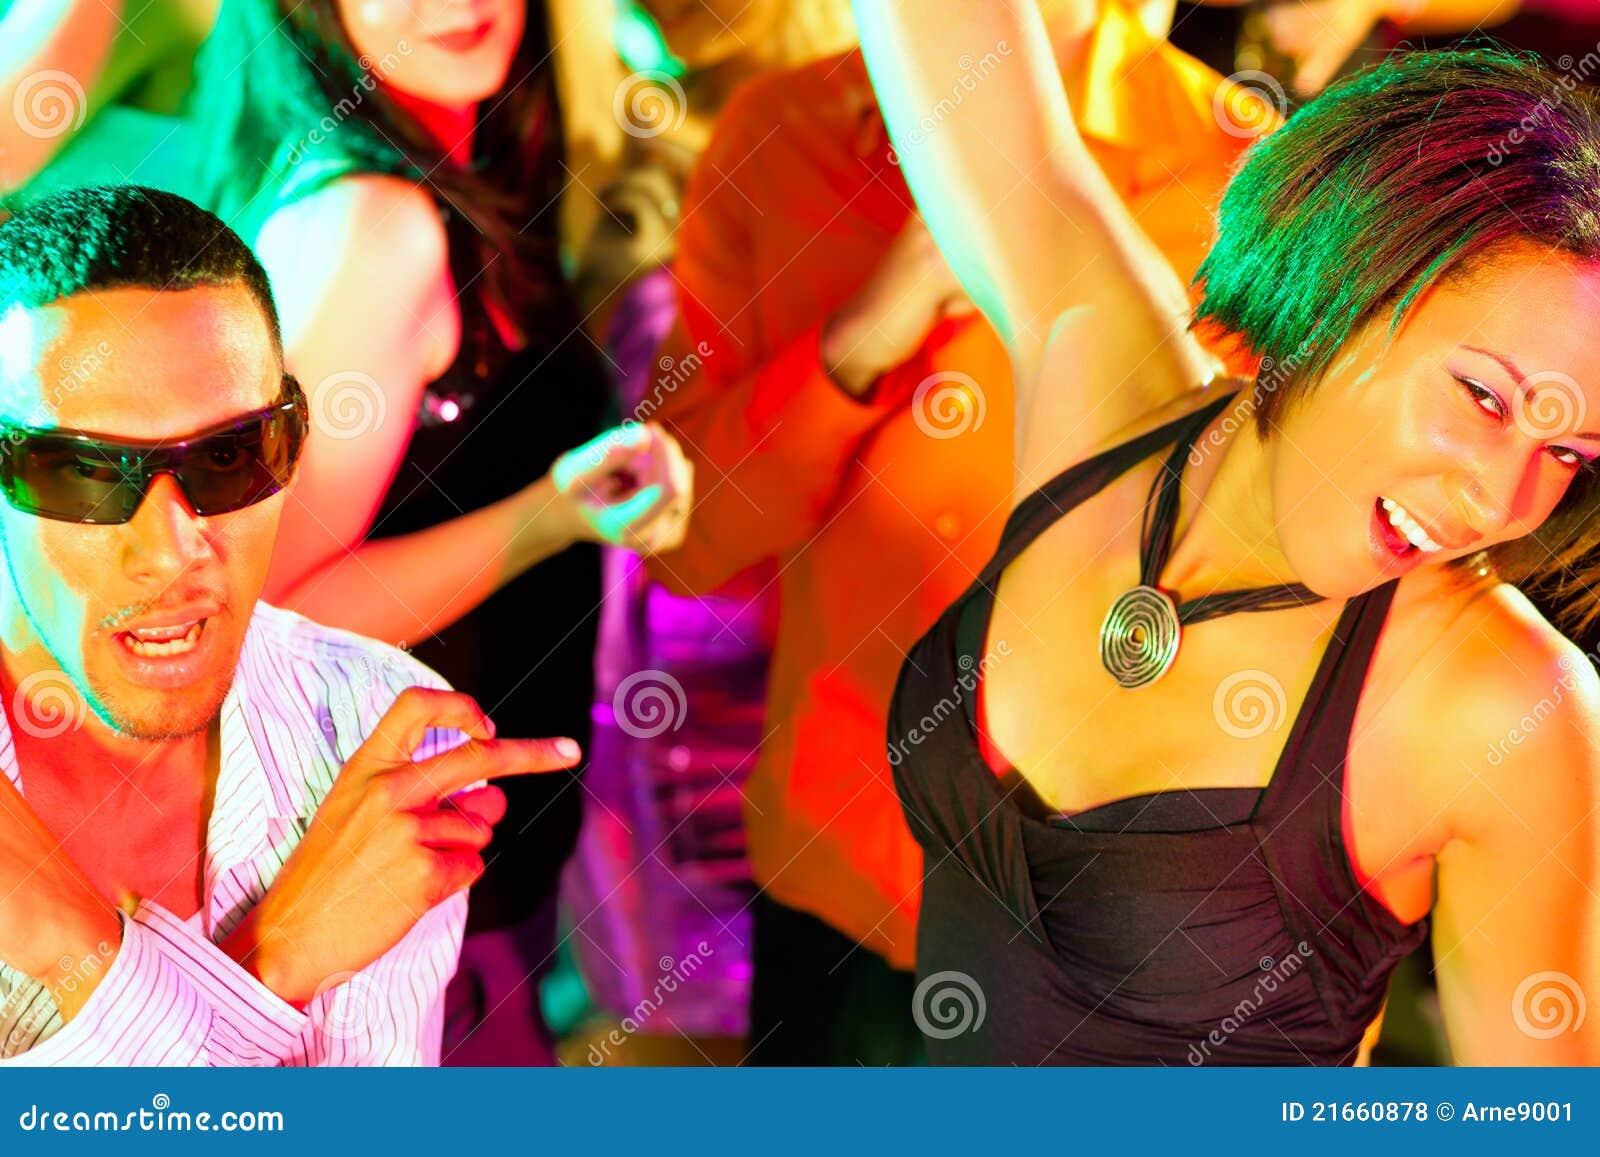 Телочки на дискотеках, Порно Вечеринки. Смотреть порно ролики онлайн 22 фотография